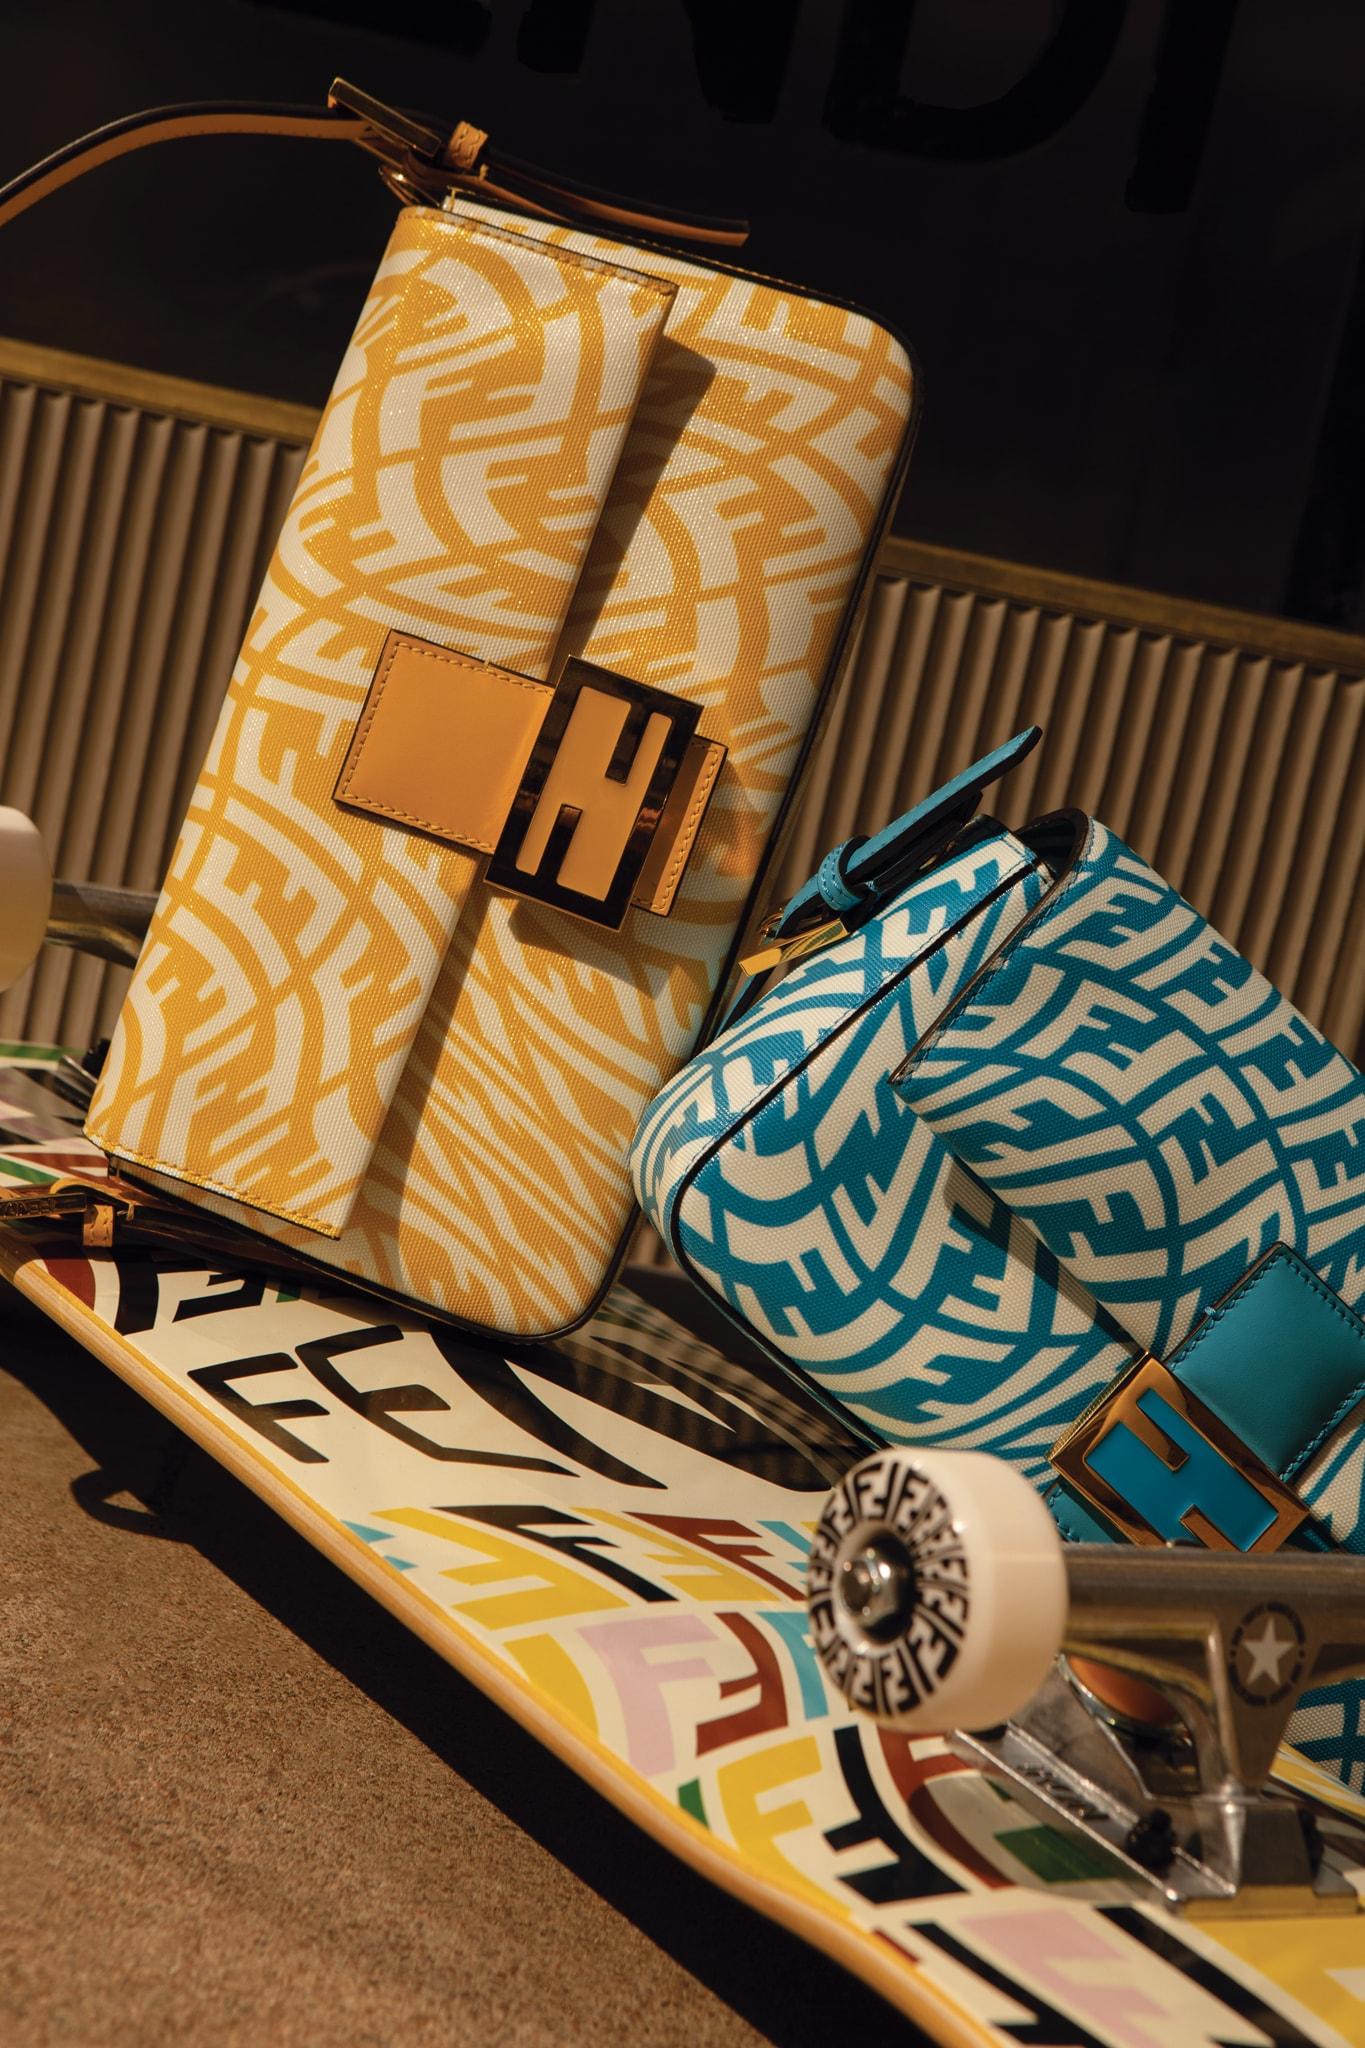 Baguette(2.200 €) in pelle e skateboard (980 €) FF Vertigo in collaborazione con l'artista Sarah Coleman, FENDI.